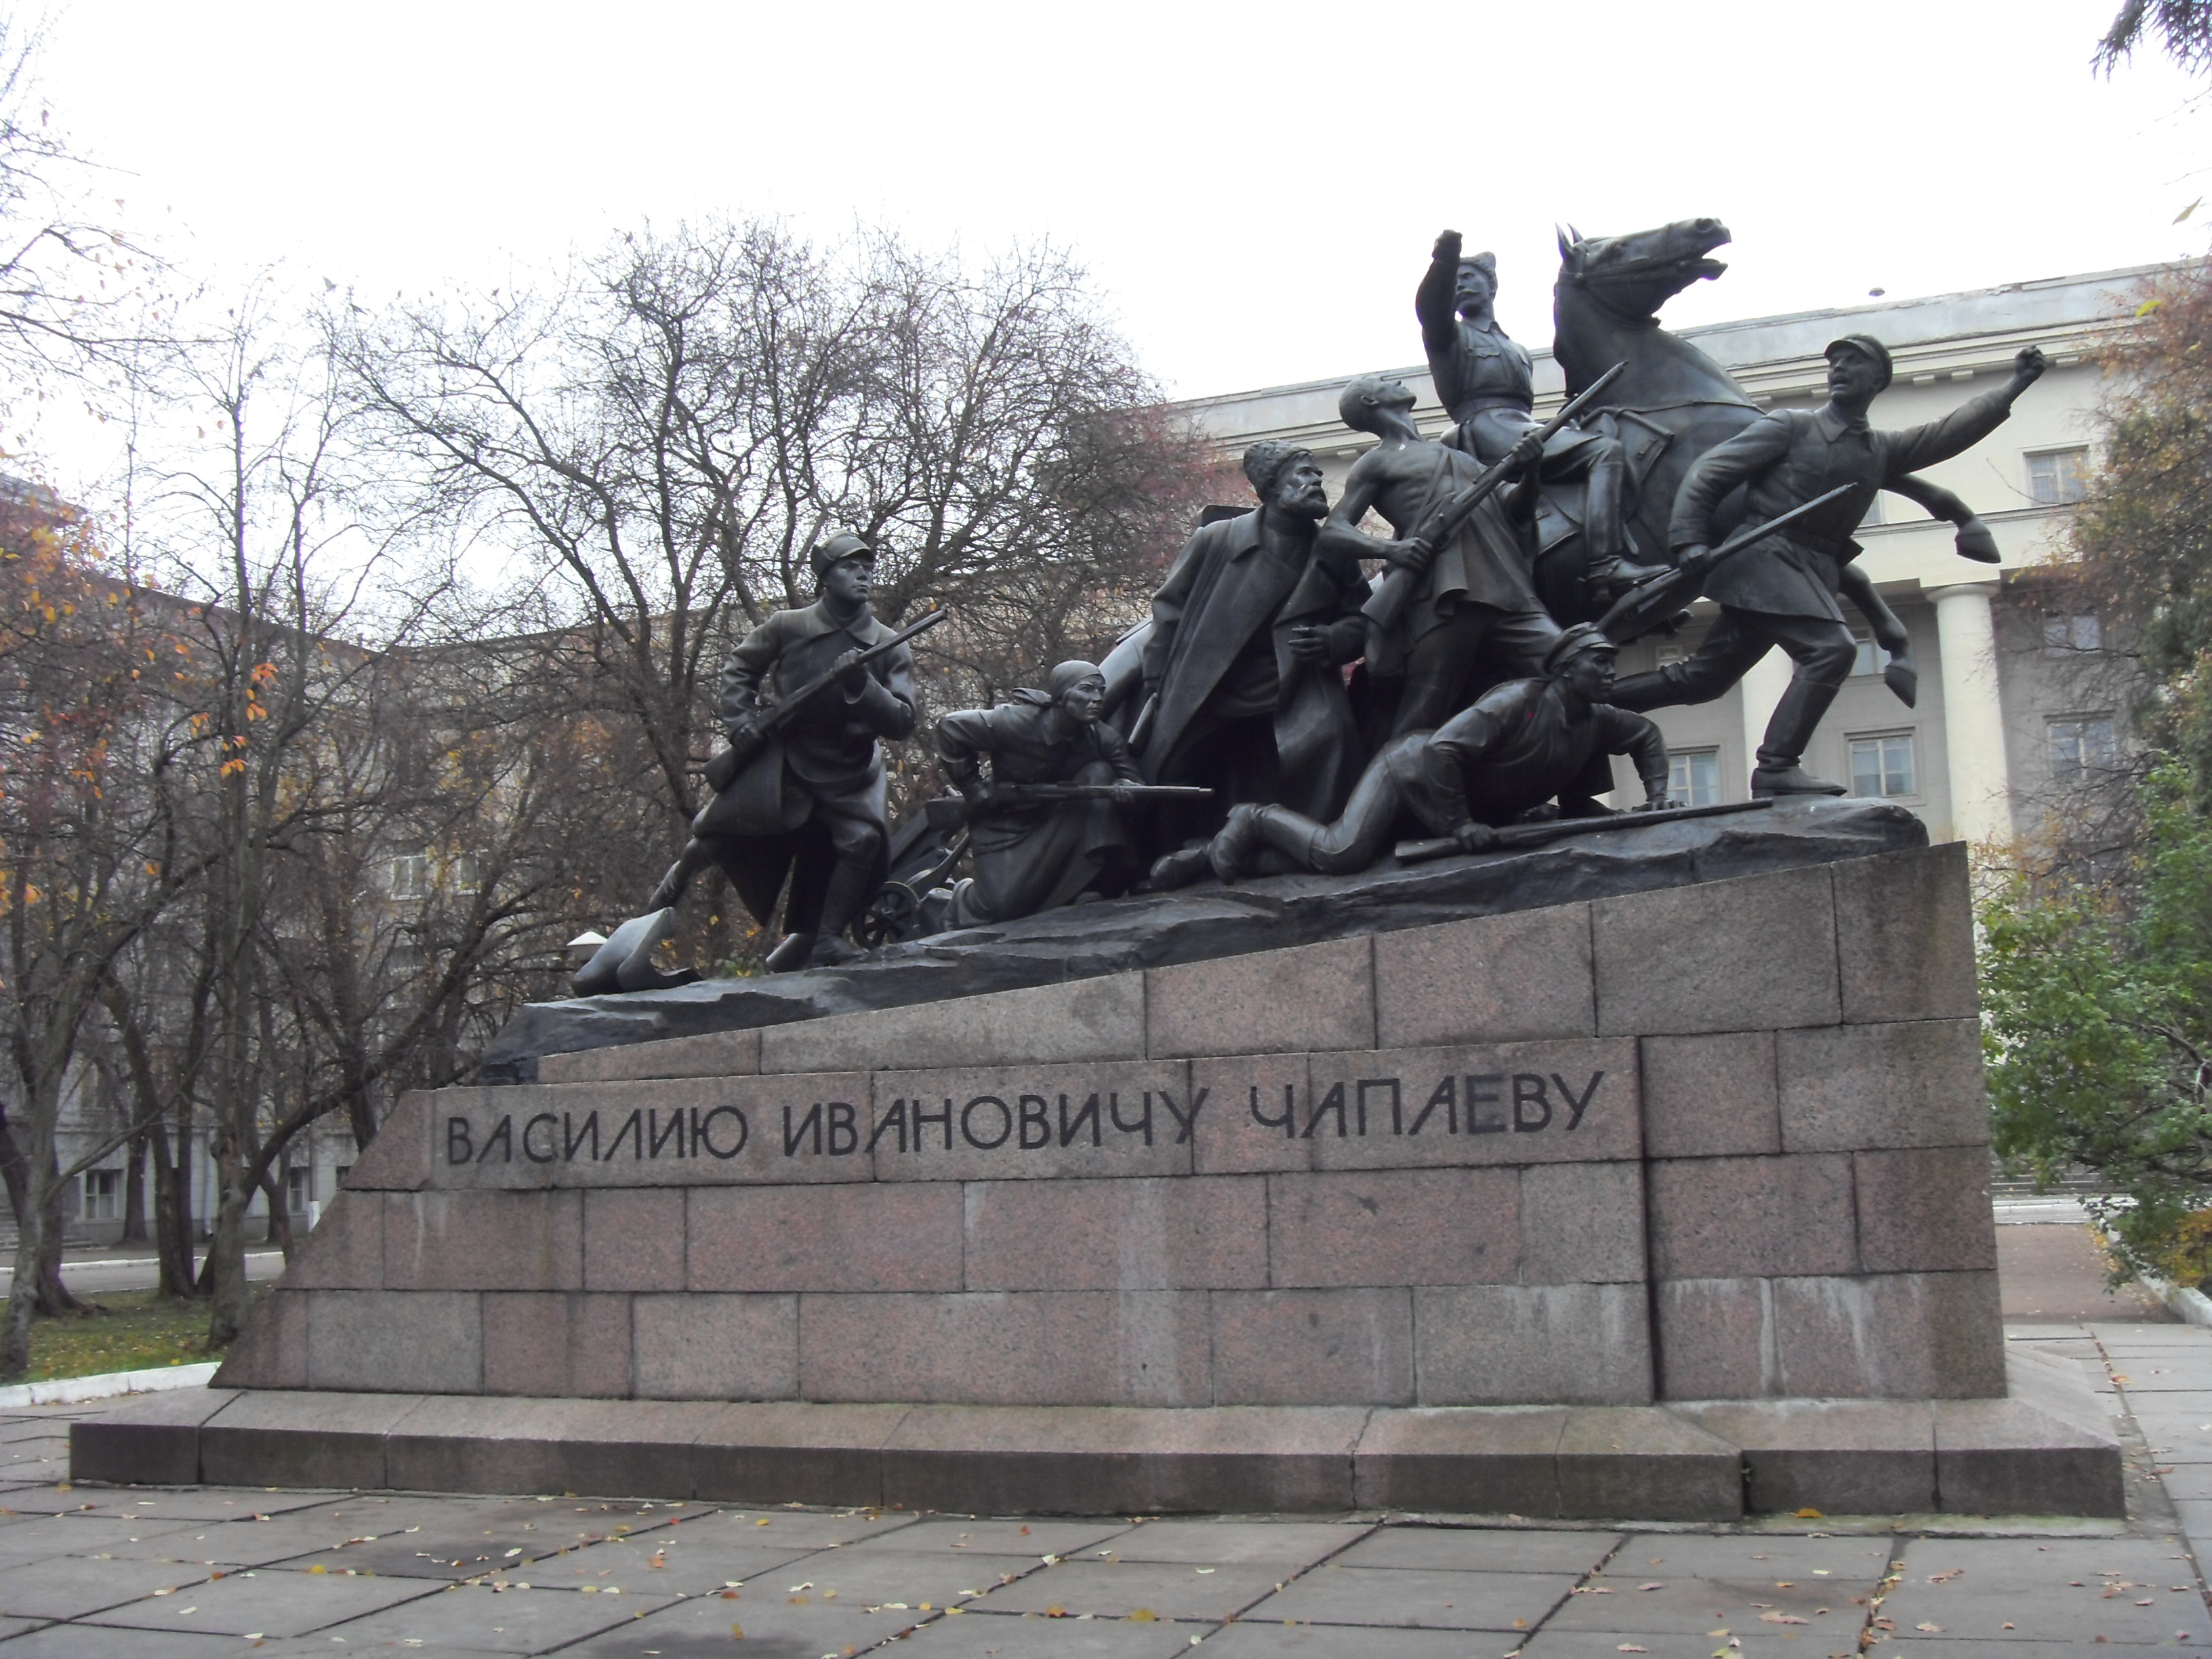 фото спб на памятник